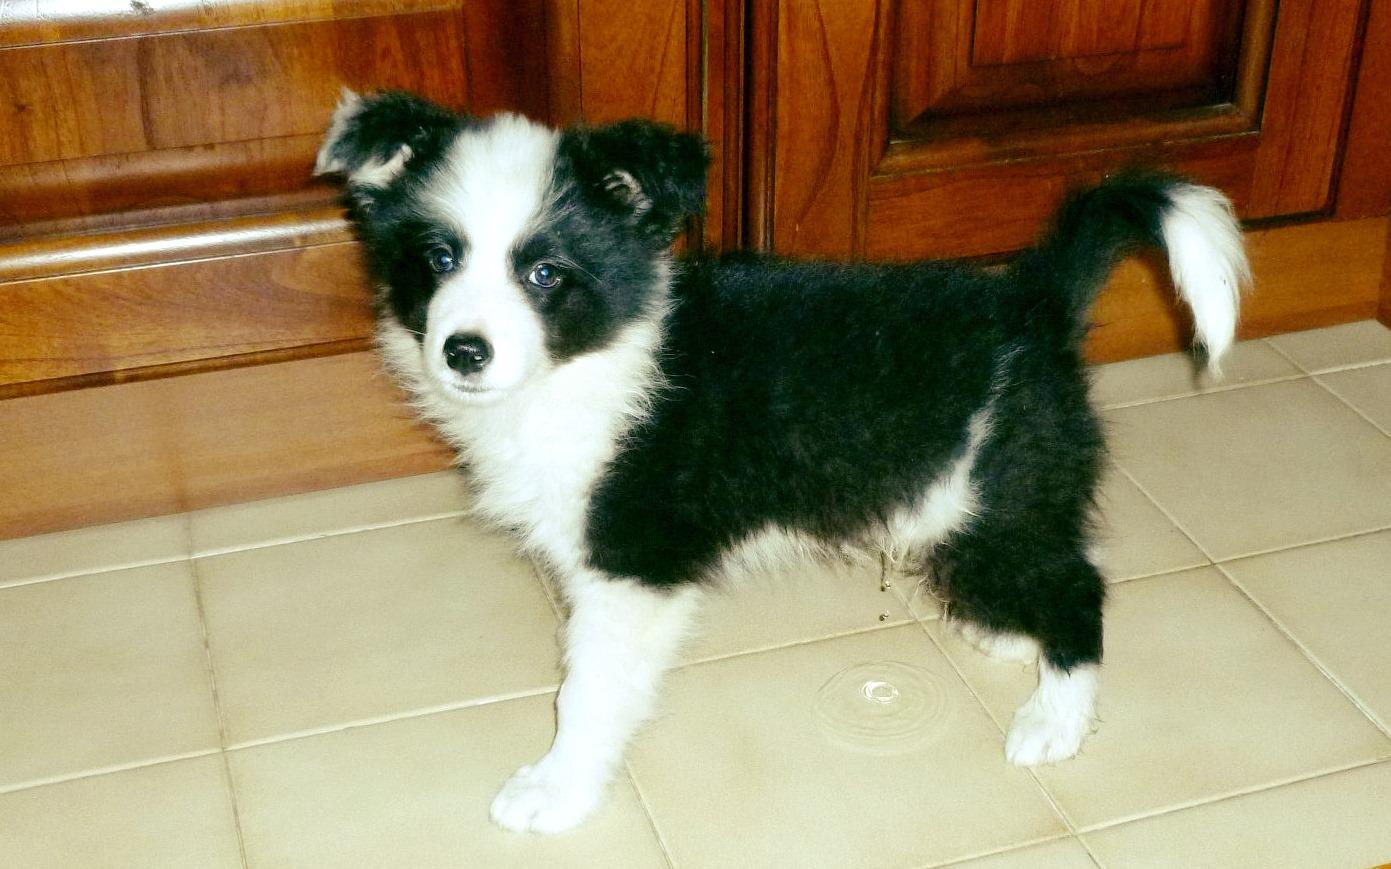 cucciolo benvenuto a casa meeting in streaming Centro Cinofilo Barkin Dogs